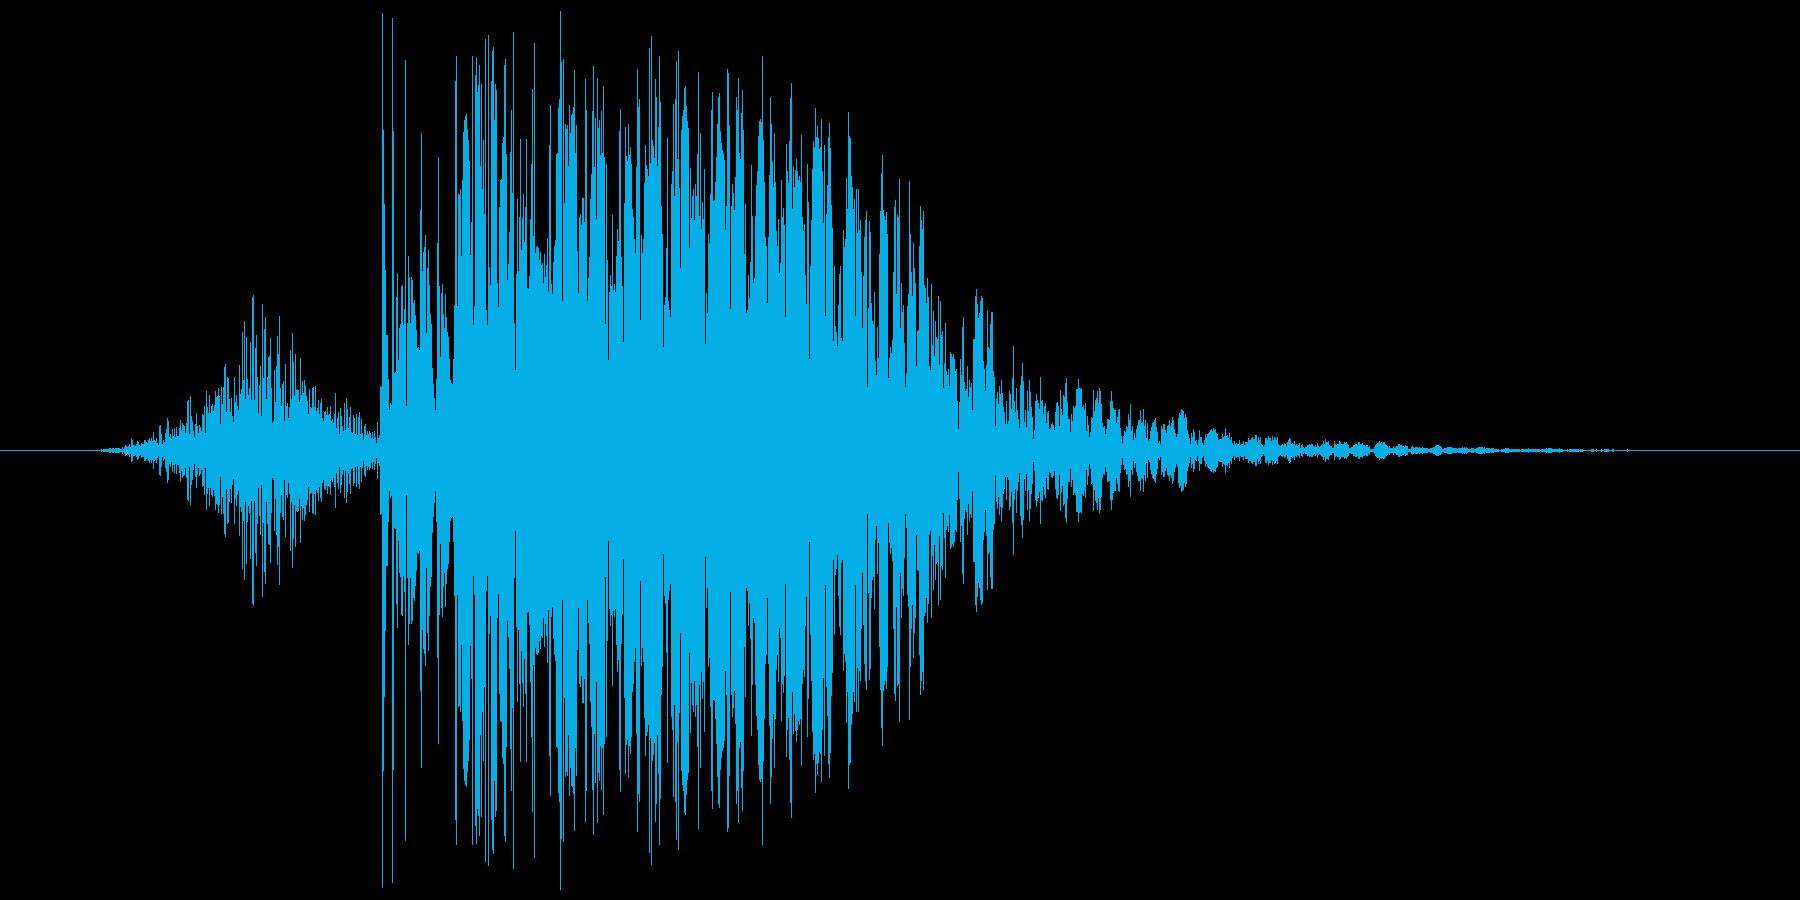 【いわゆるパンチ音】デシ系/デュクシ系の再生済みの波形